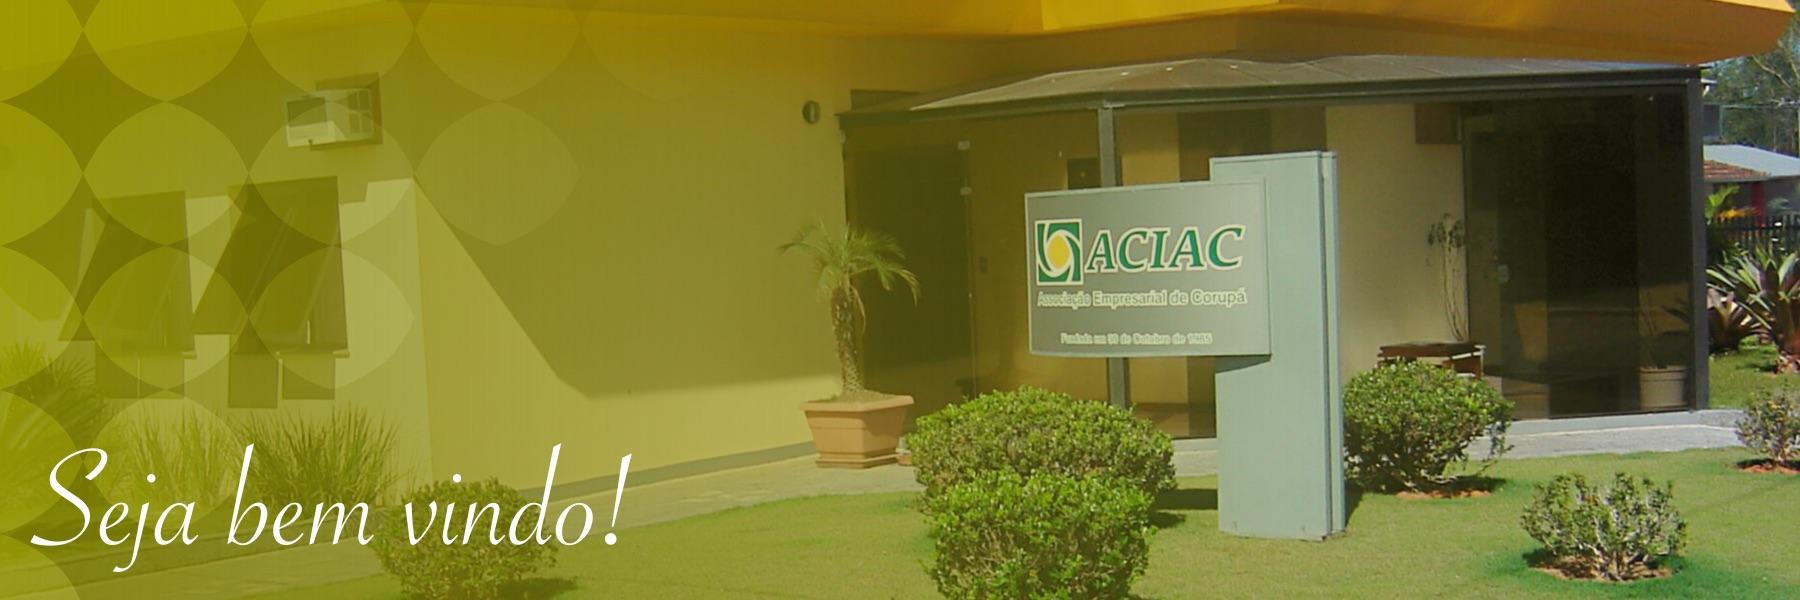 ACIAC